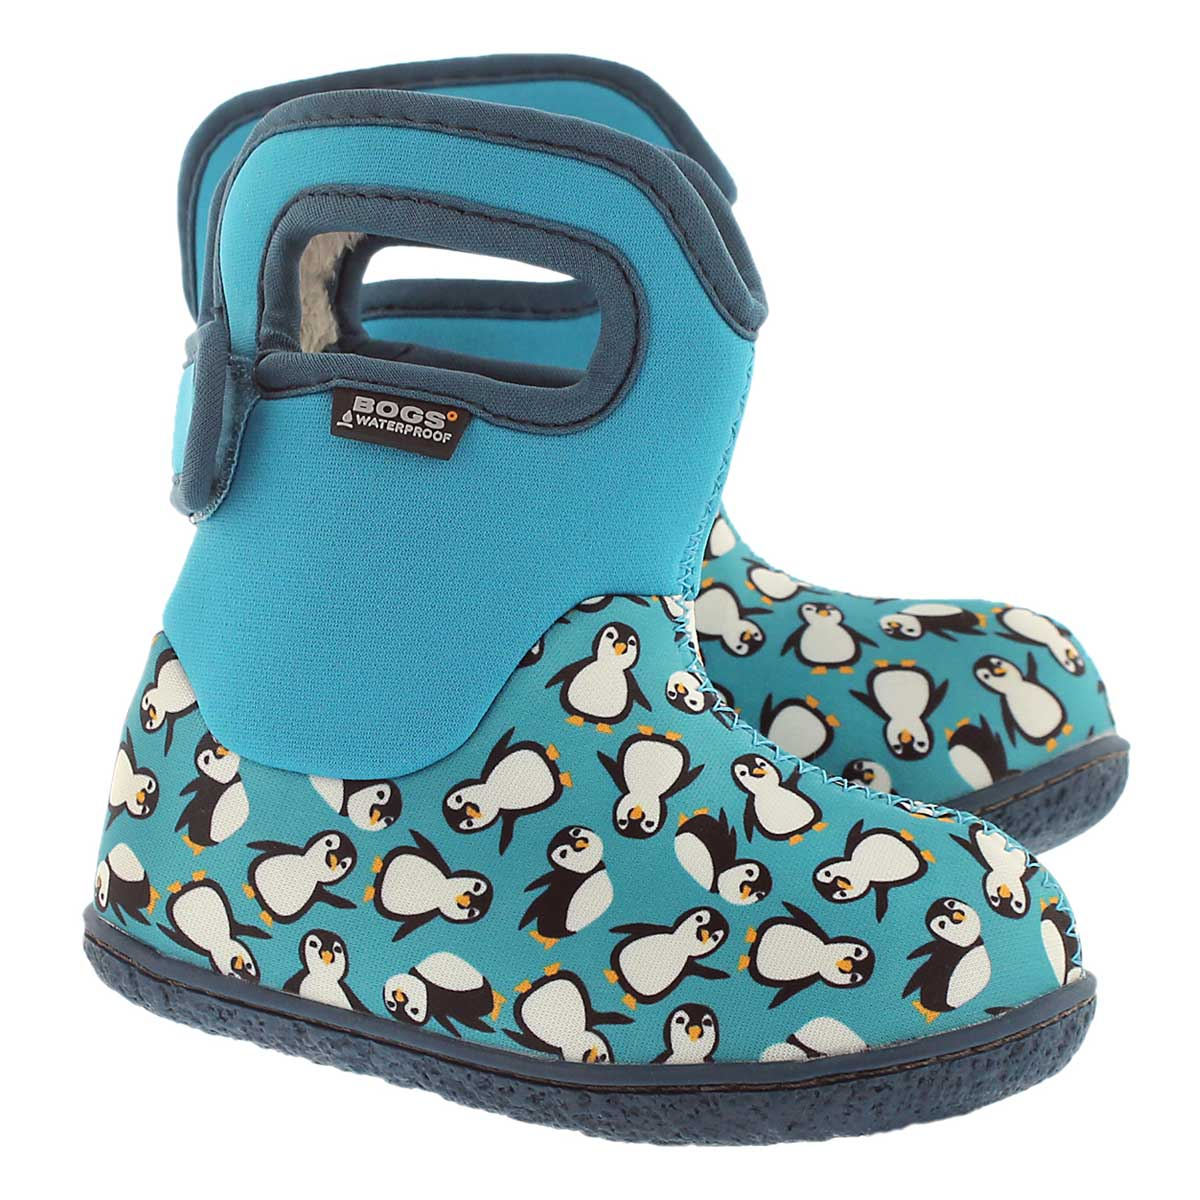 Infs Classic Penguins trq mlti wtpf boot